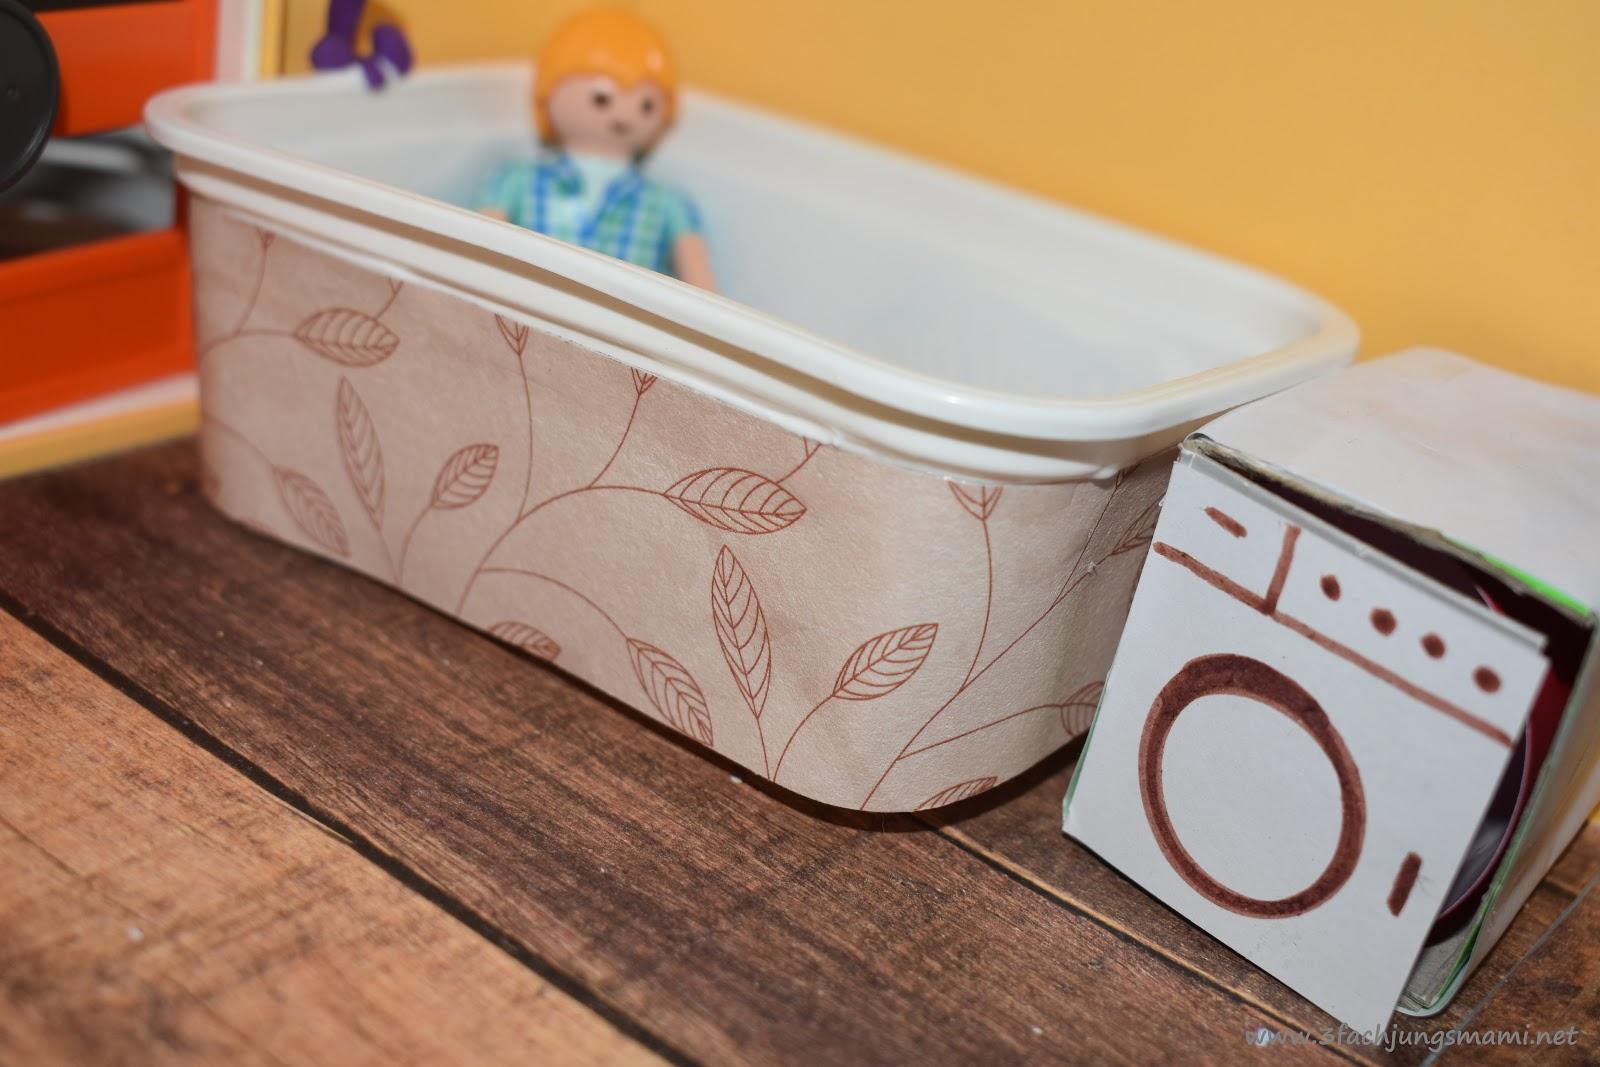 DIY  Wir basteln ein Playmobil Badezimmer  3fach Jungsmami